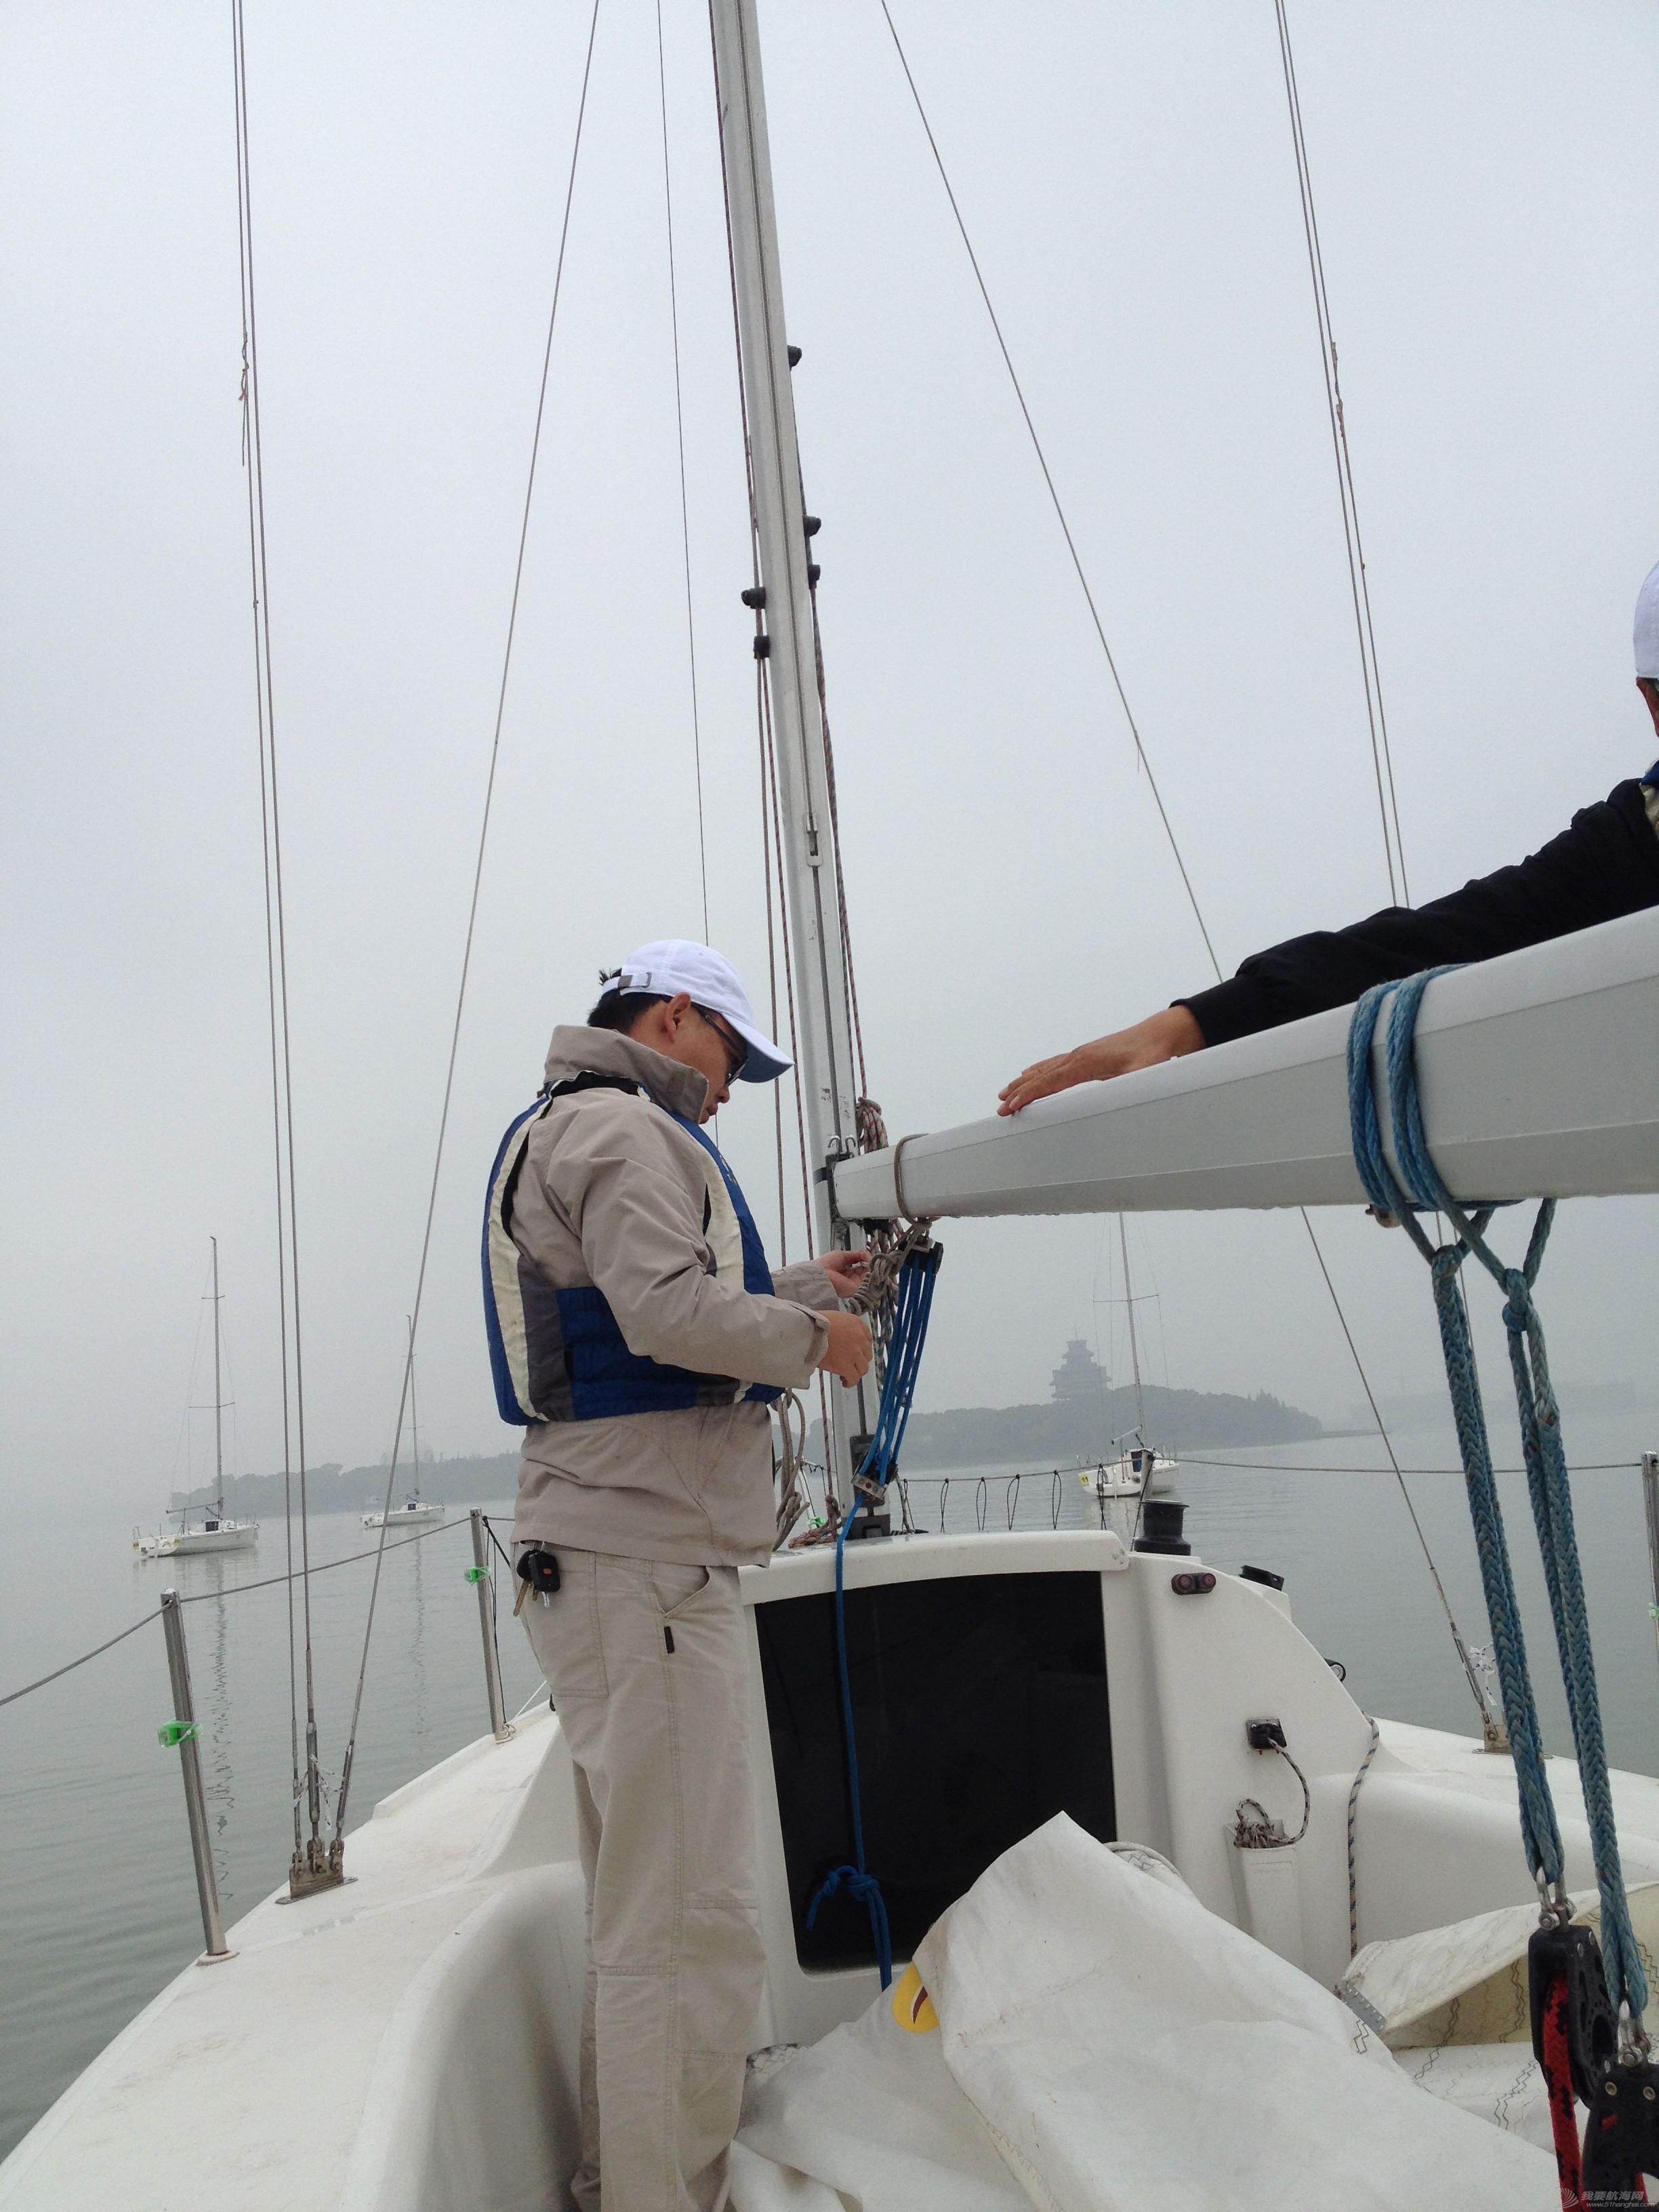 金鸡,苏州 苏州金鸡湖帆船赛-我的处女赛 IMG_2557.JPG